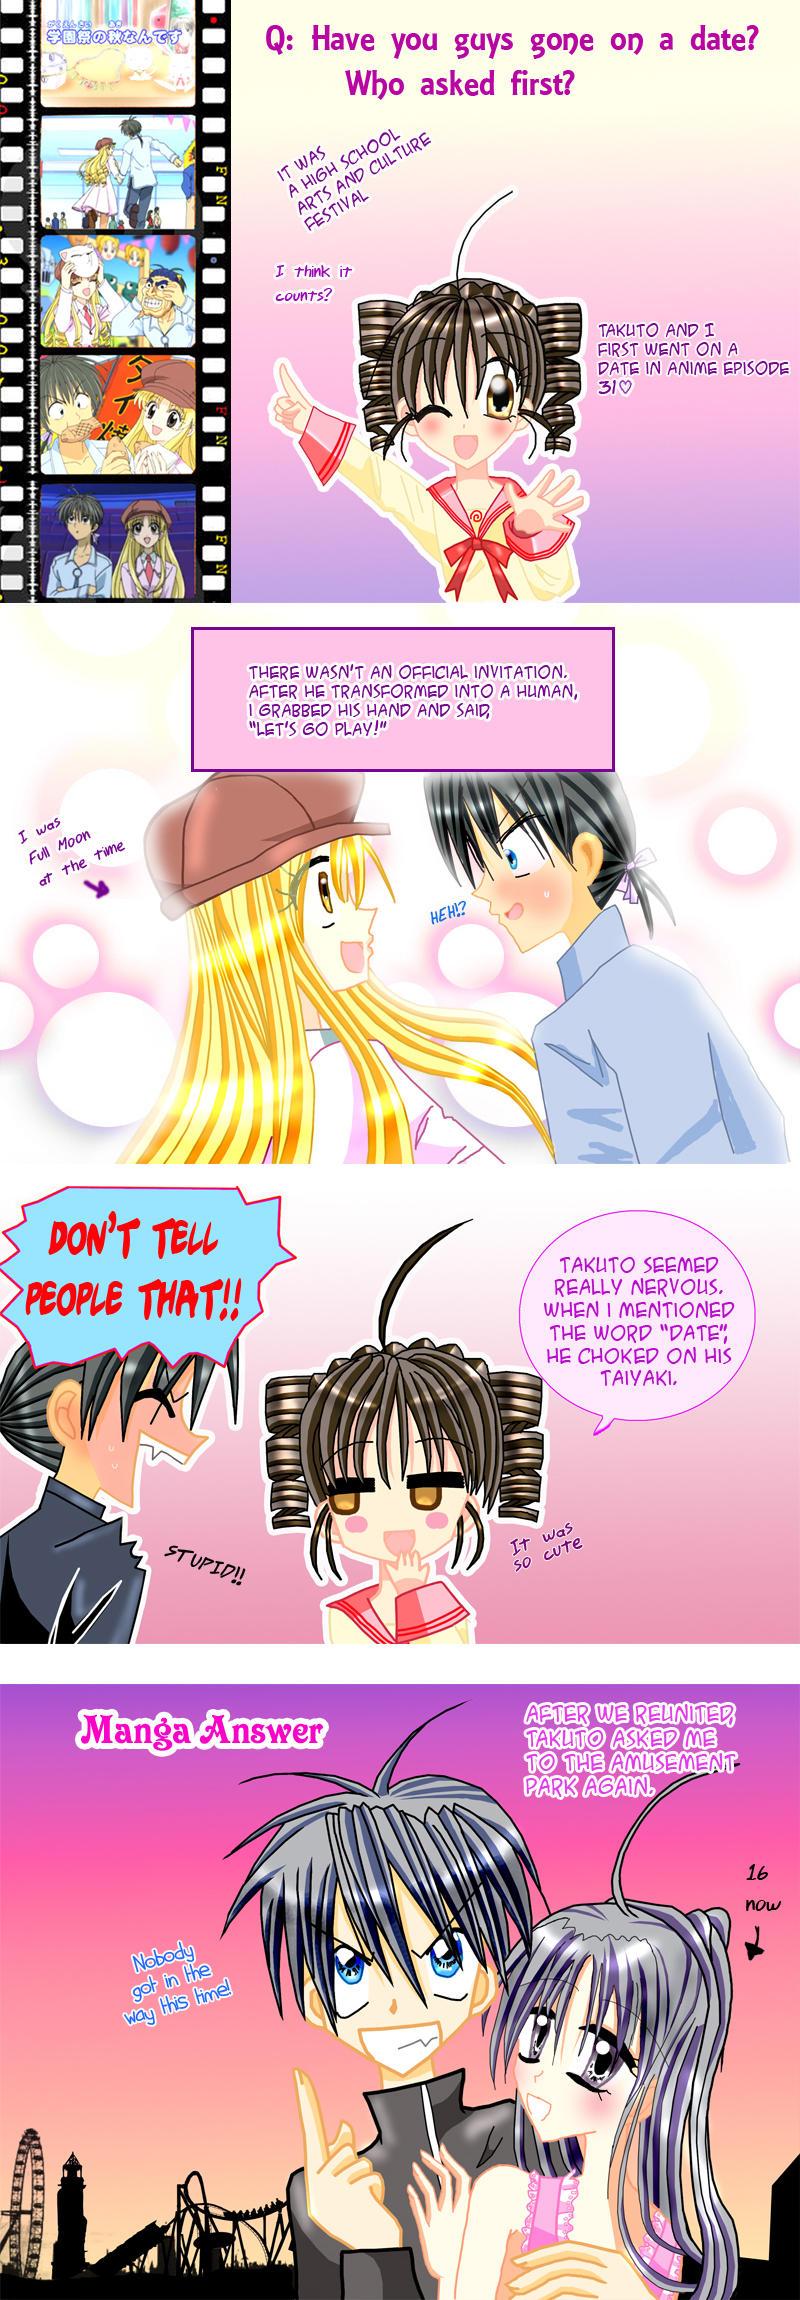 Ask Mitsuki and Takuto Episode 02: Date? by Chiibi